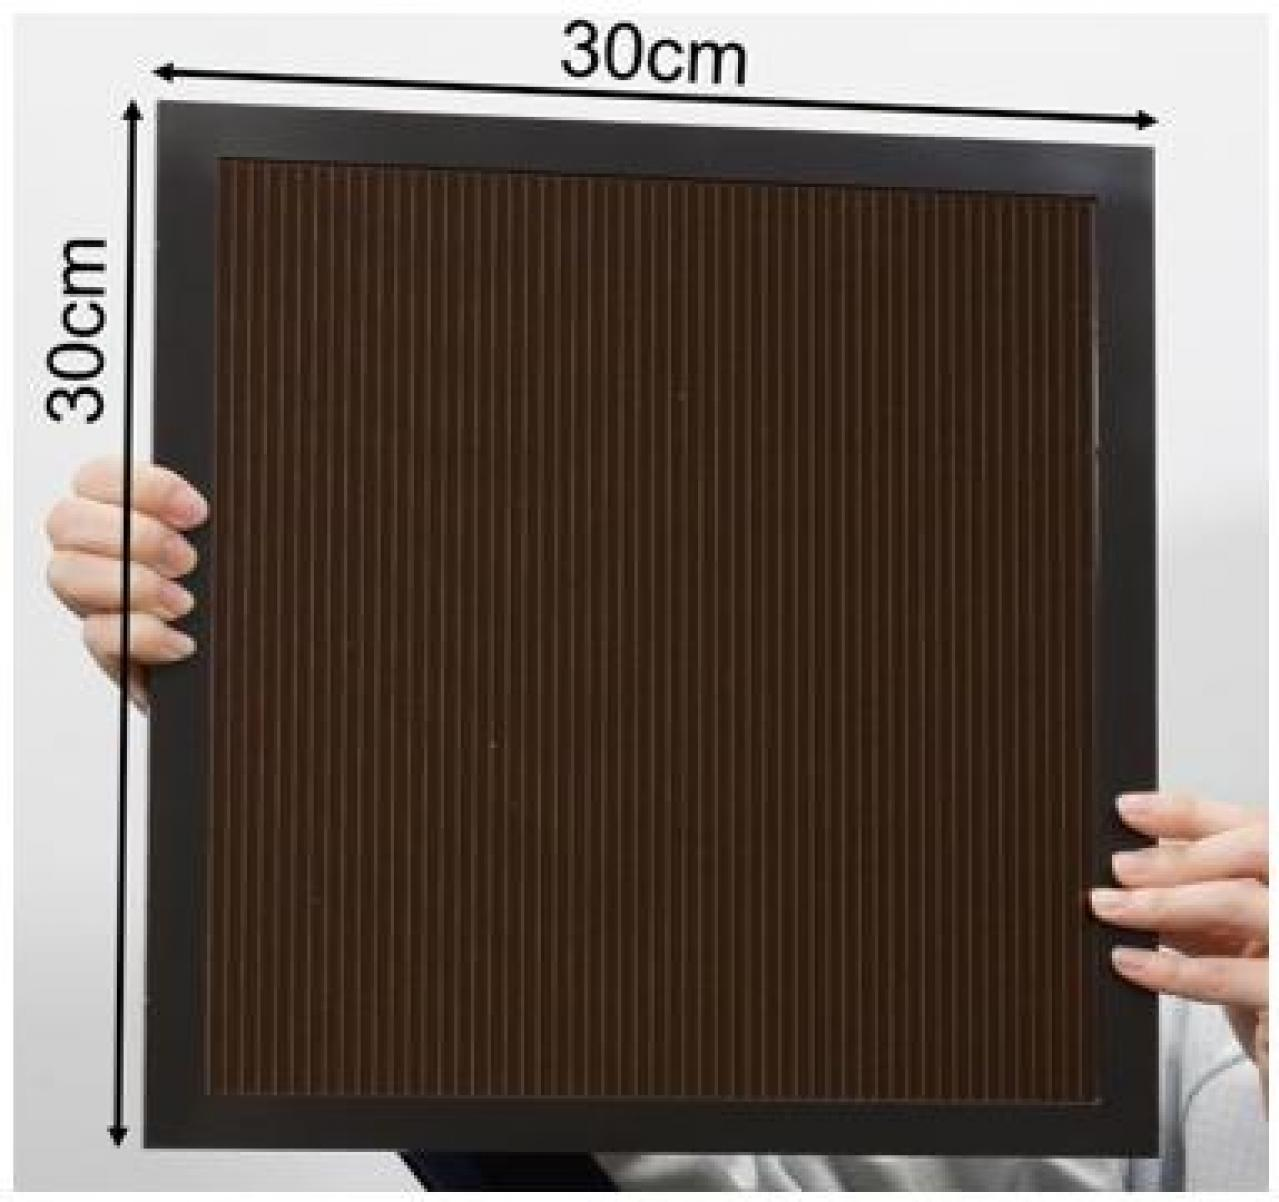 パナソニック:ペロブスカイト太陽電池大面積モジュールで世界最高変換効率16.09%を達成